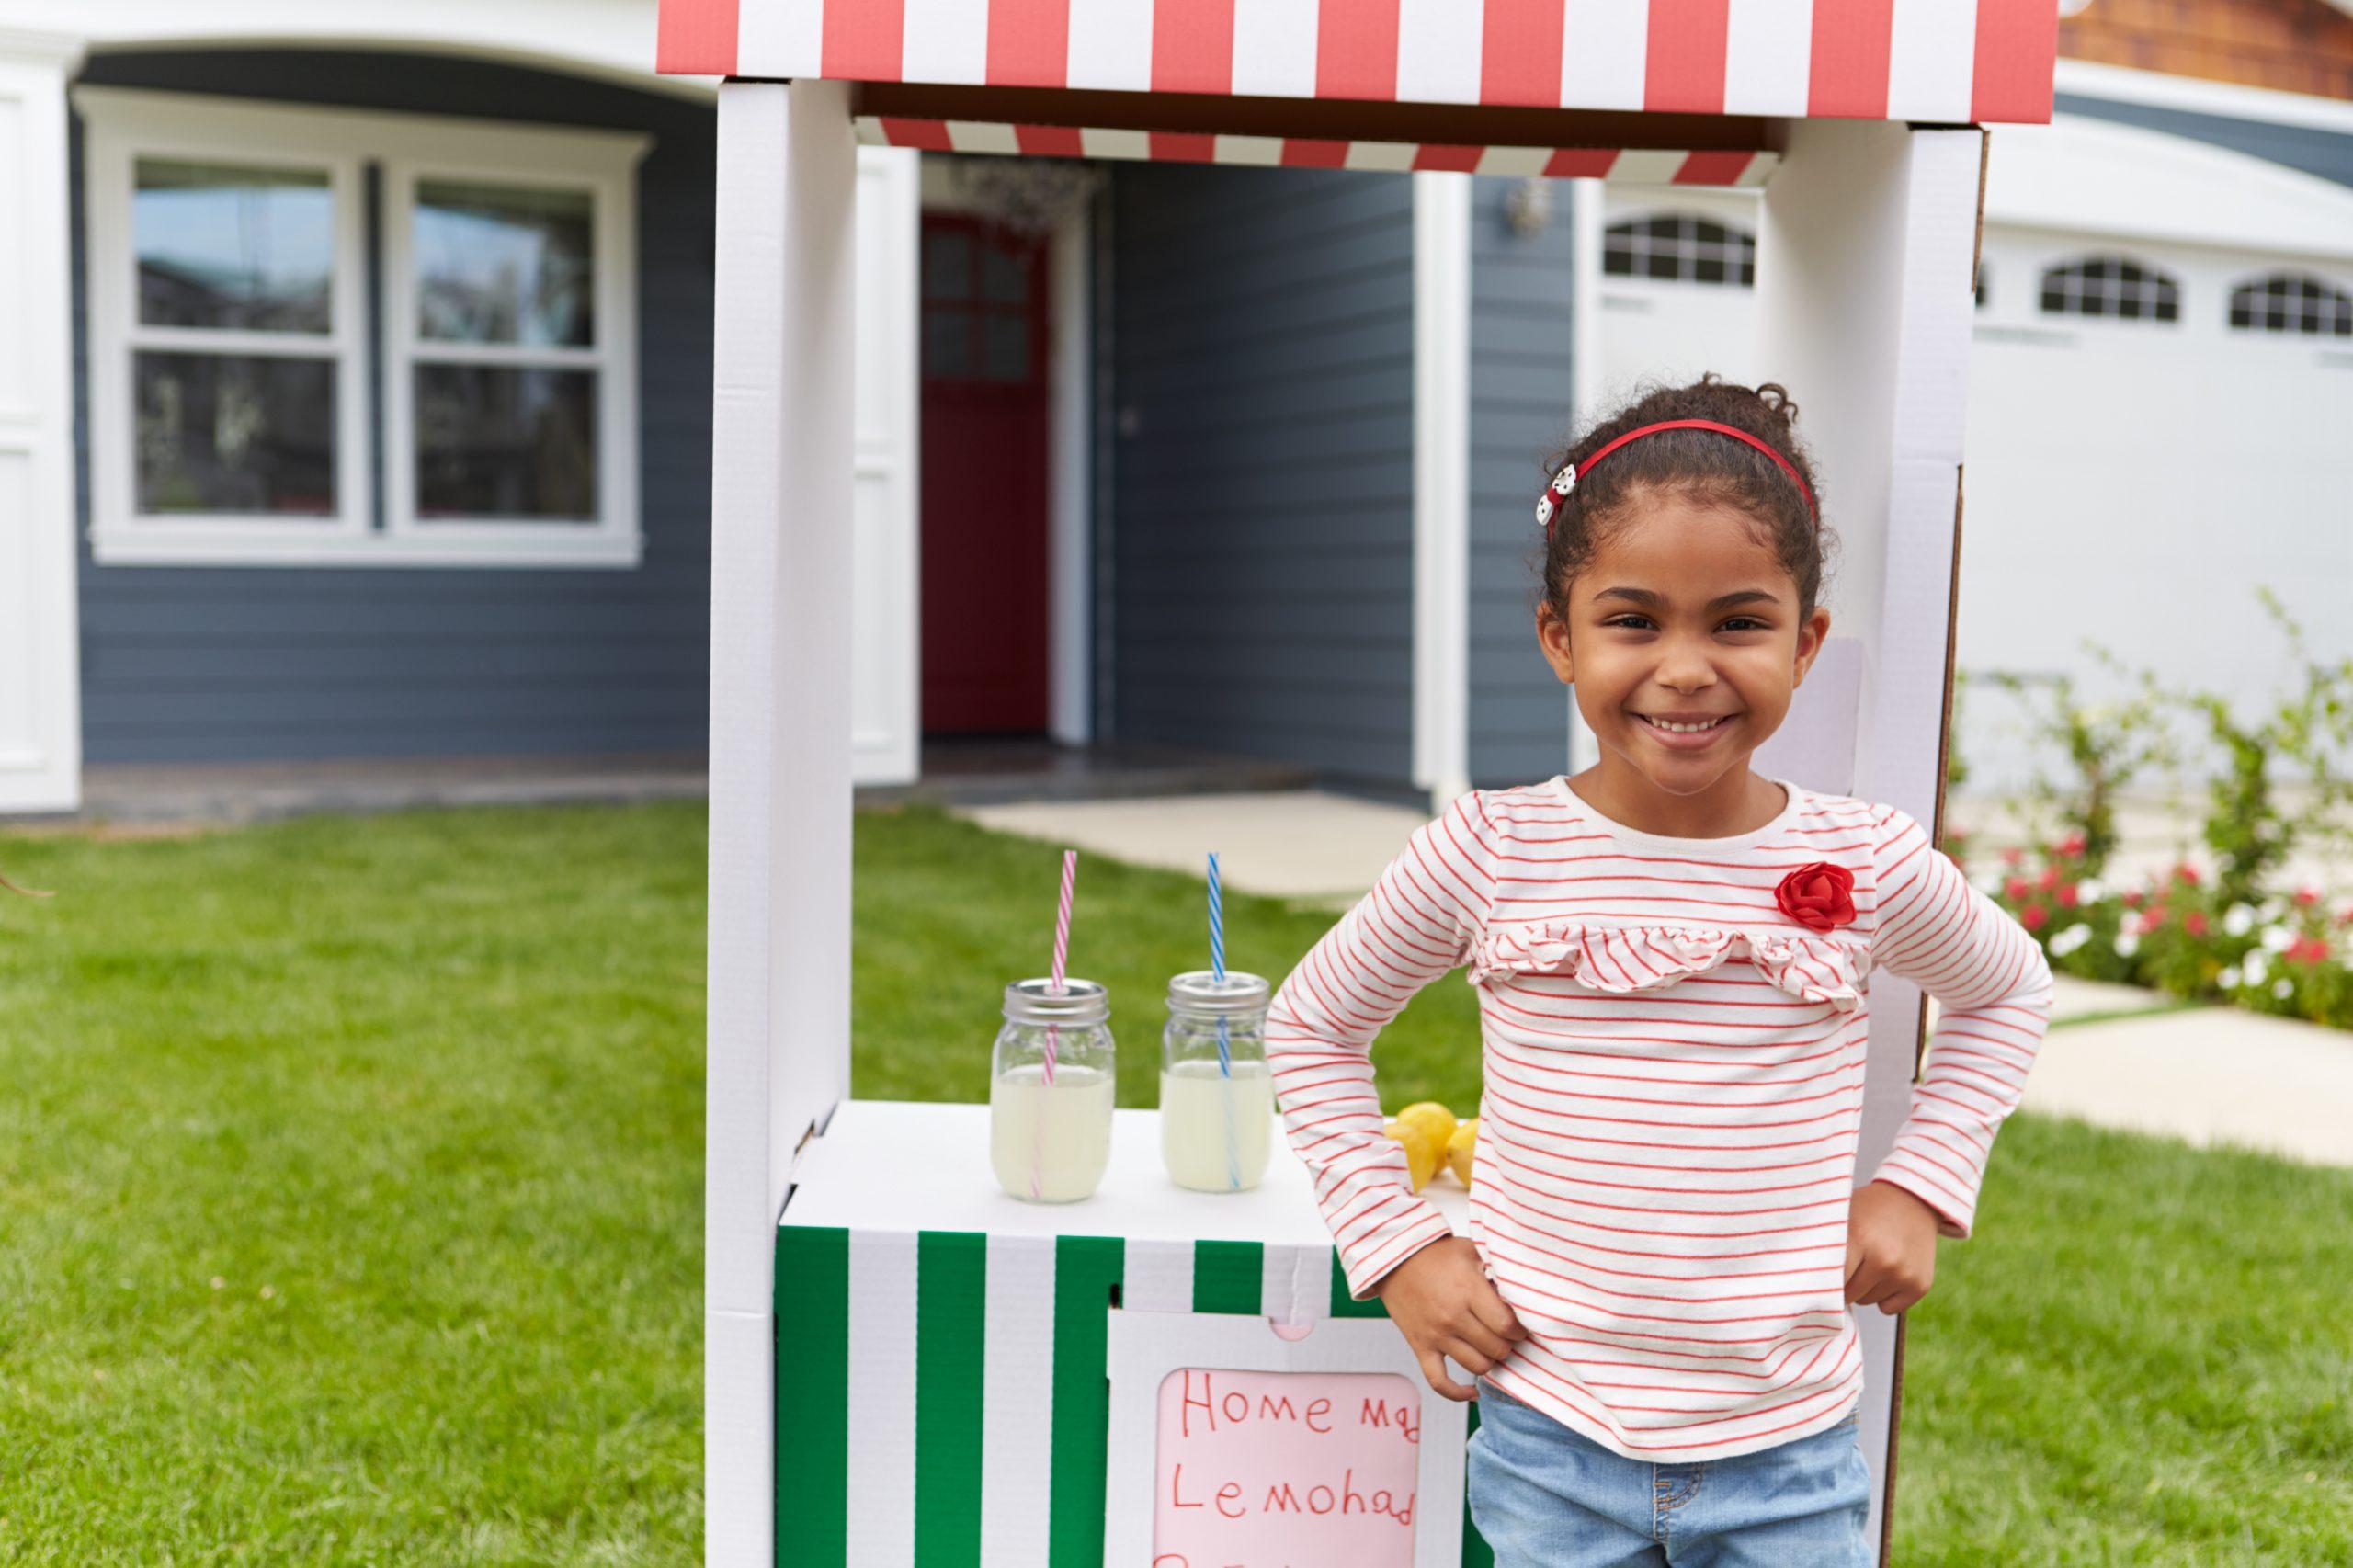 Girl Running Homemade Lemonade Stand|||||